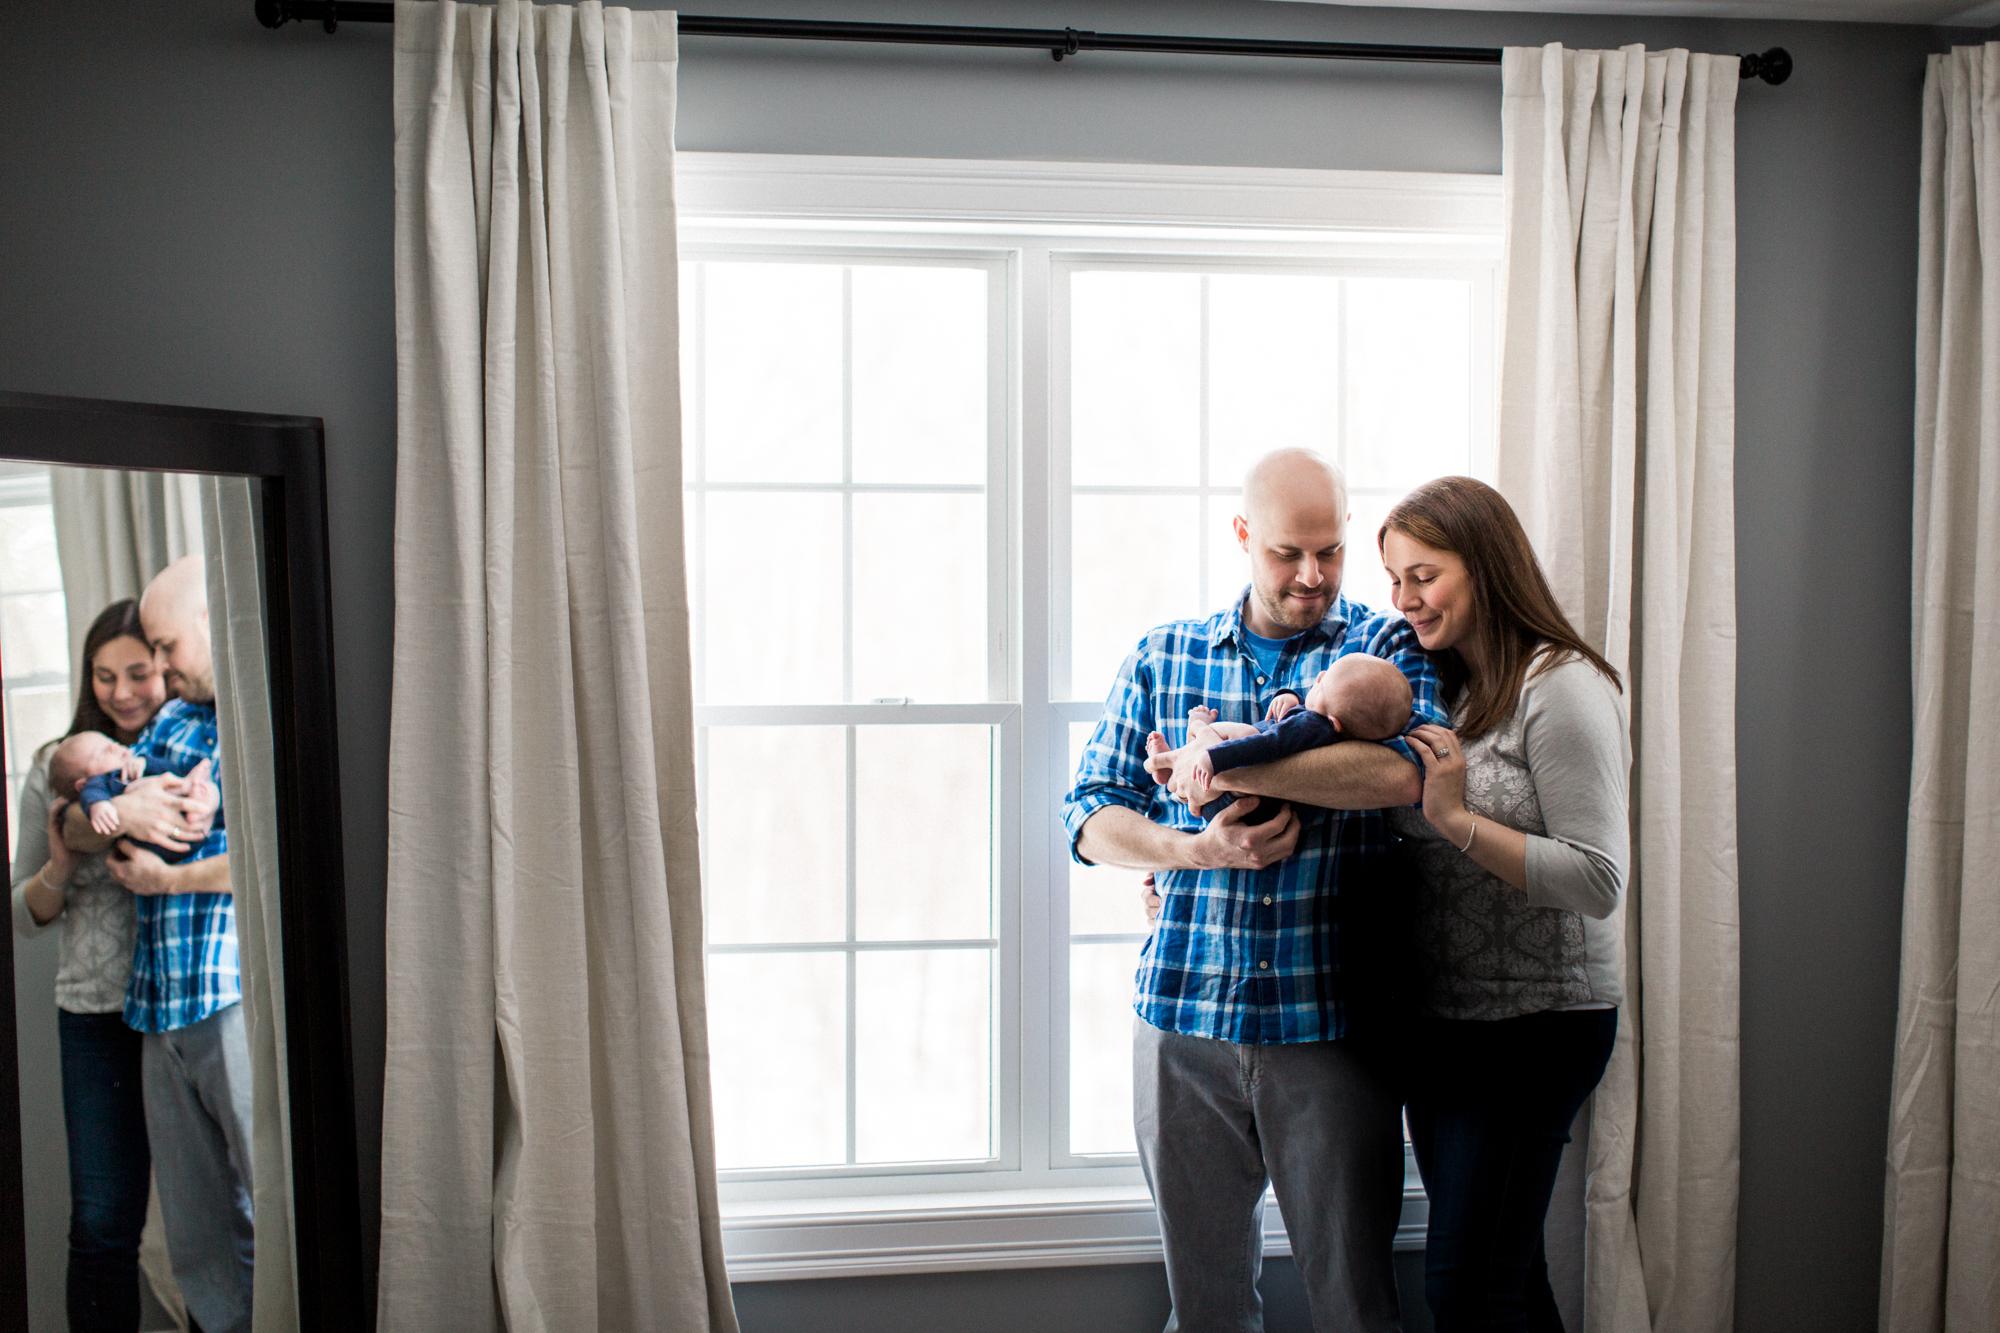 connecticut family photographer-1.jpg